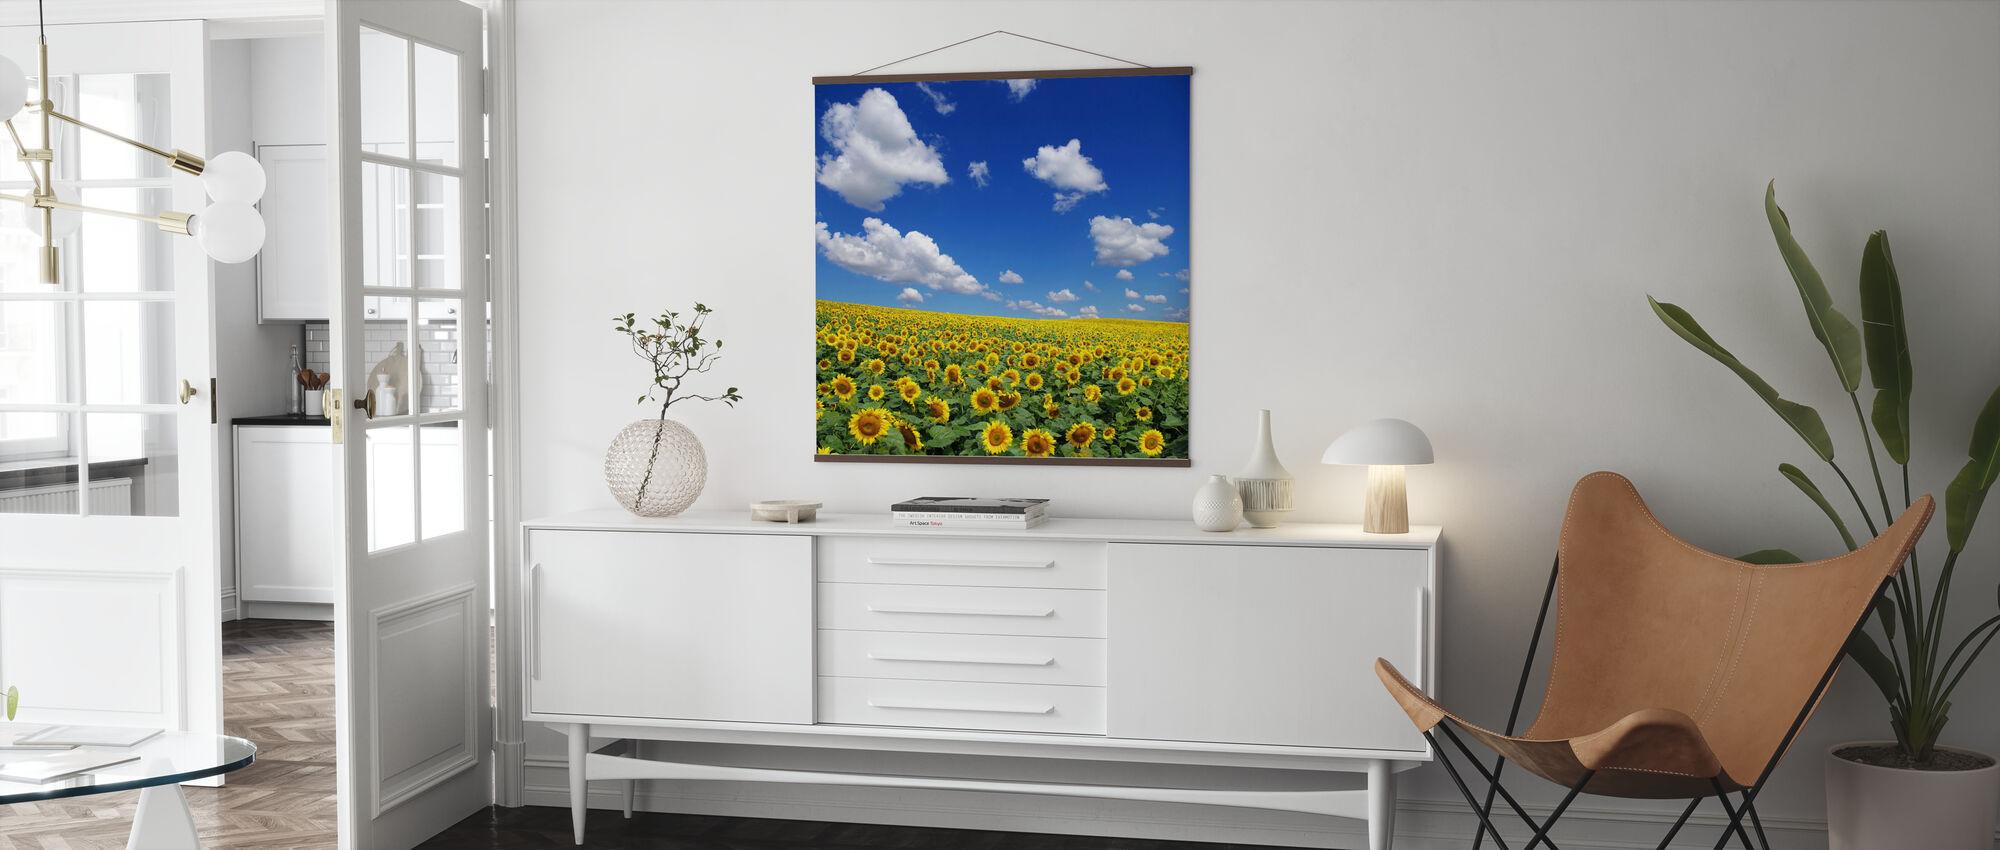 Sonnenblumenfeld - Poster - Wohnzimmer